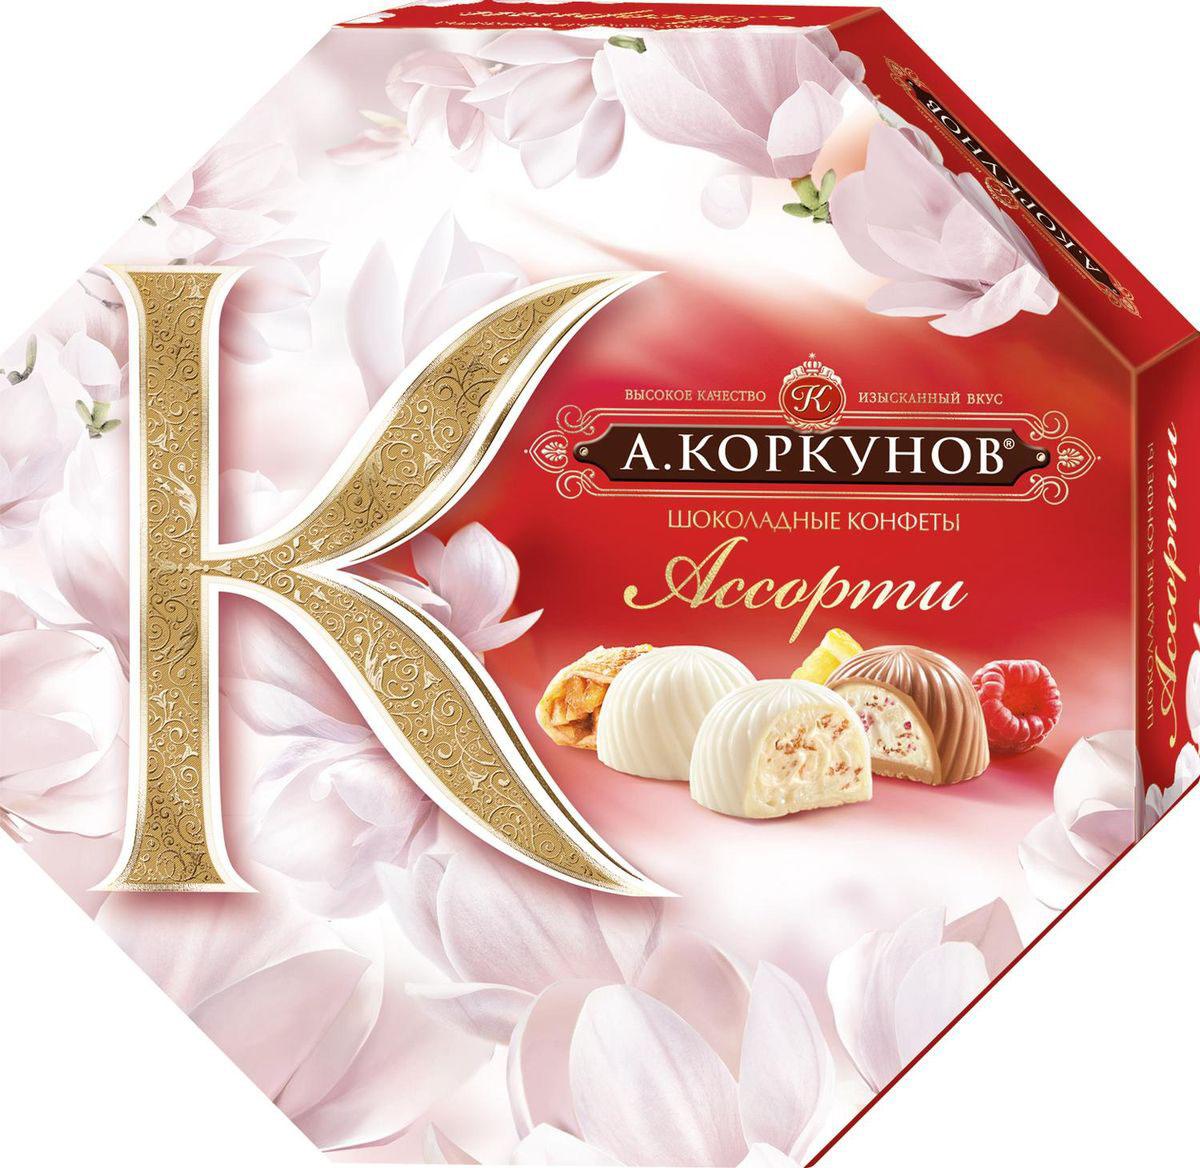 А.Коркунов белая коллекция Ассорти конфеты белый и молочный шоколад, 126 г а коркунов ассорти конфеты молочный шоколад 137 г